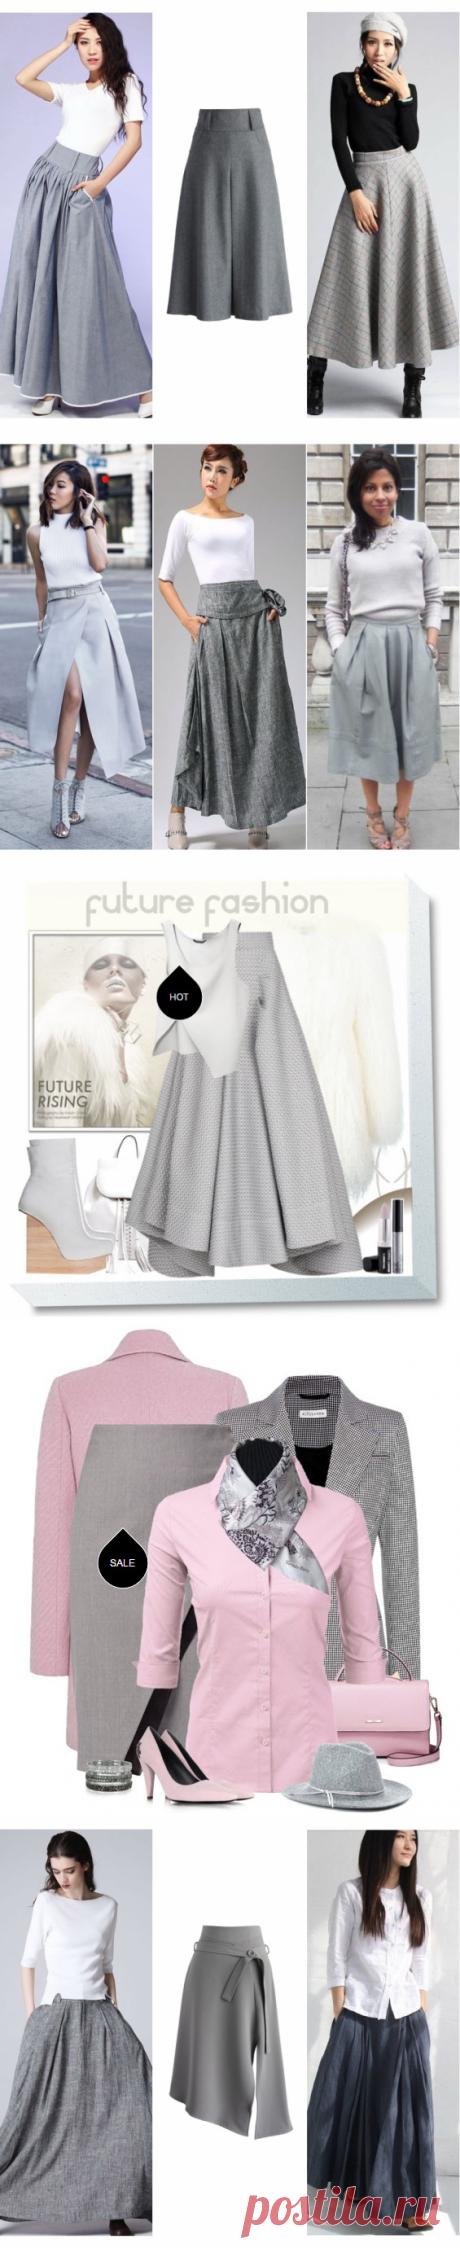 Модная серая юбка - с чем носить? — Модно / Nemodno